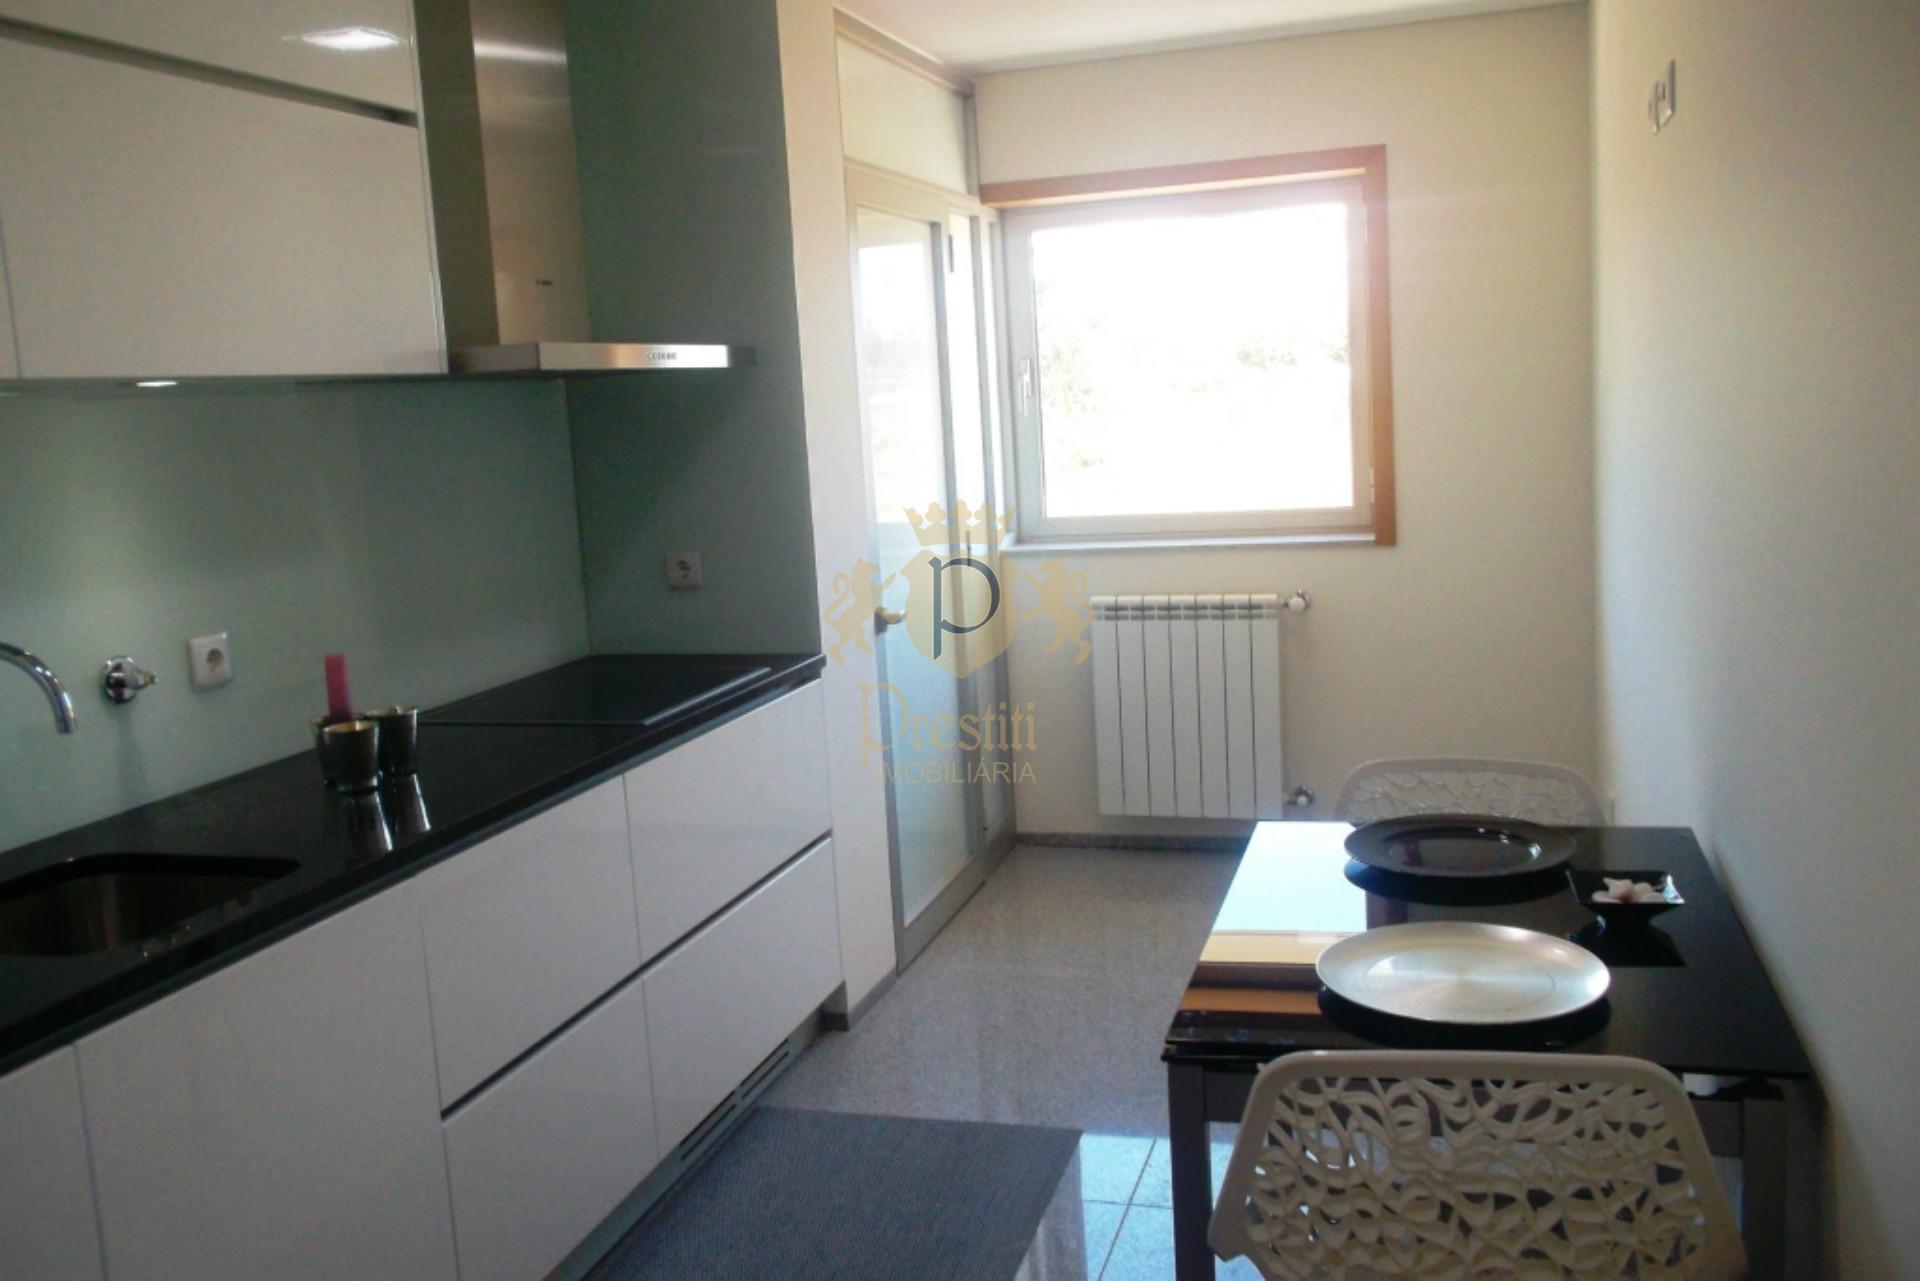 Apartamento  T3 em Maia - Pedrouços para Venda